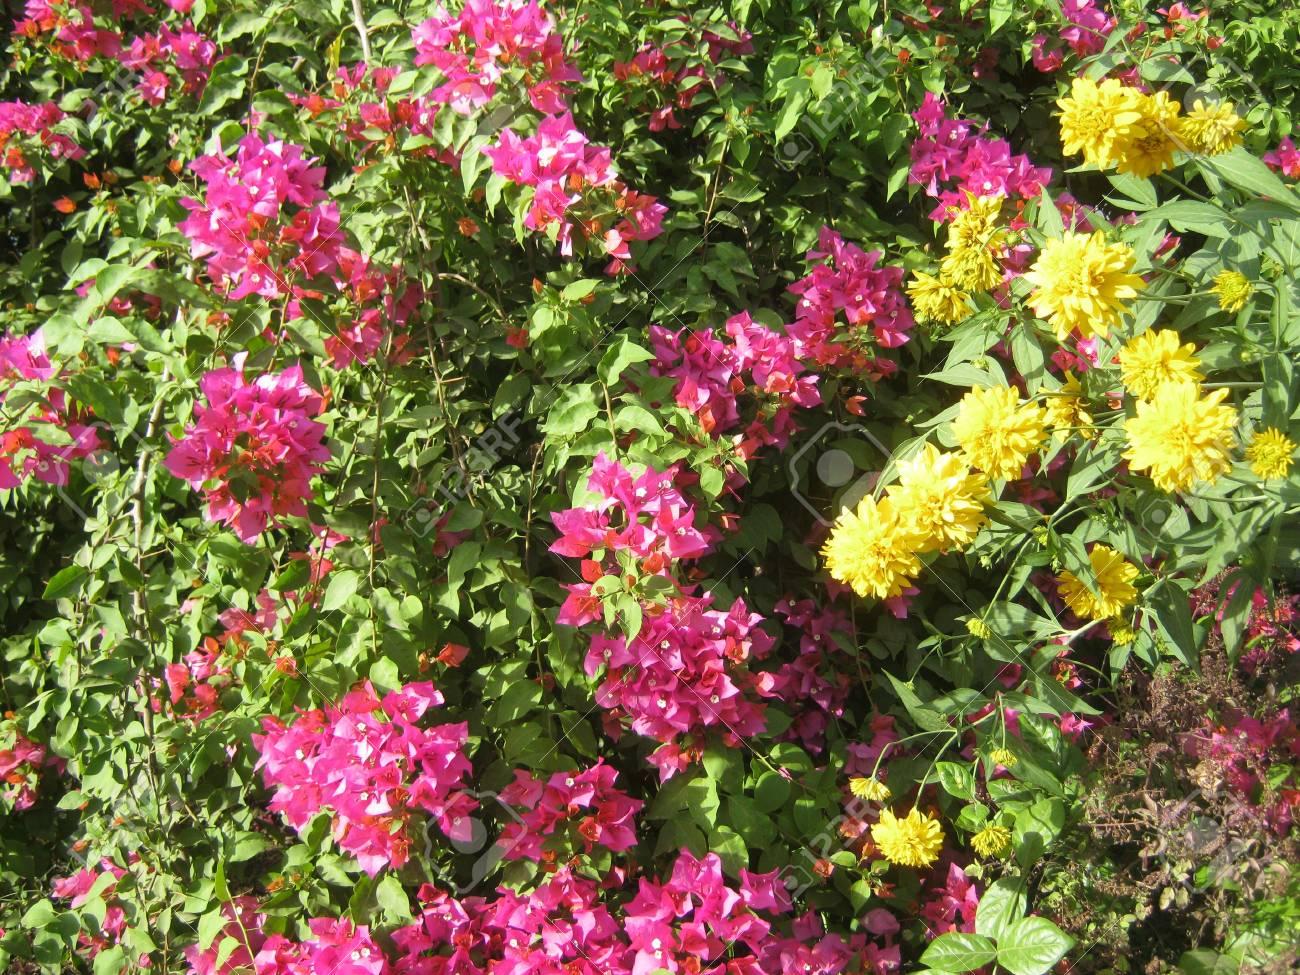 Bella giardino colorato foto royalty free immagini immagini e